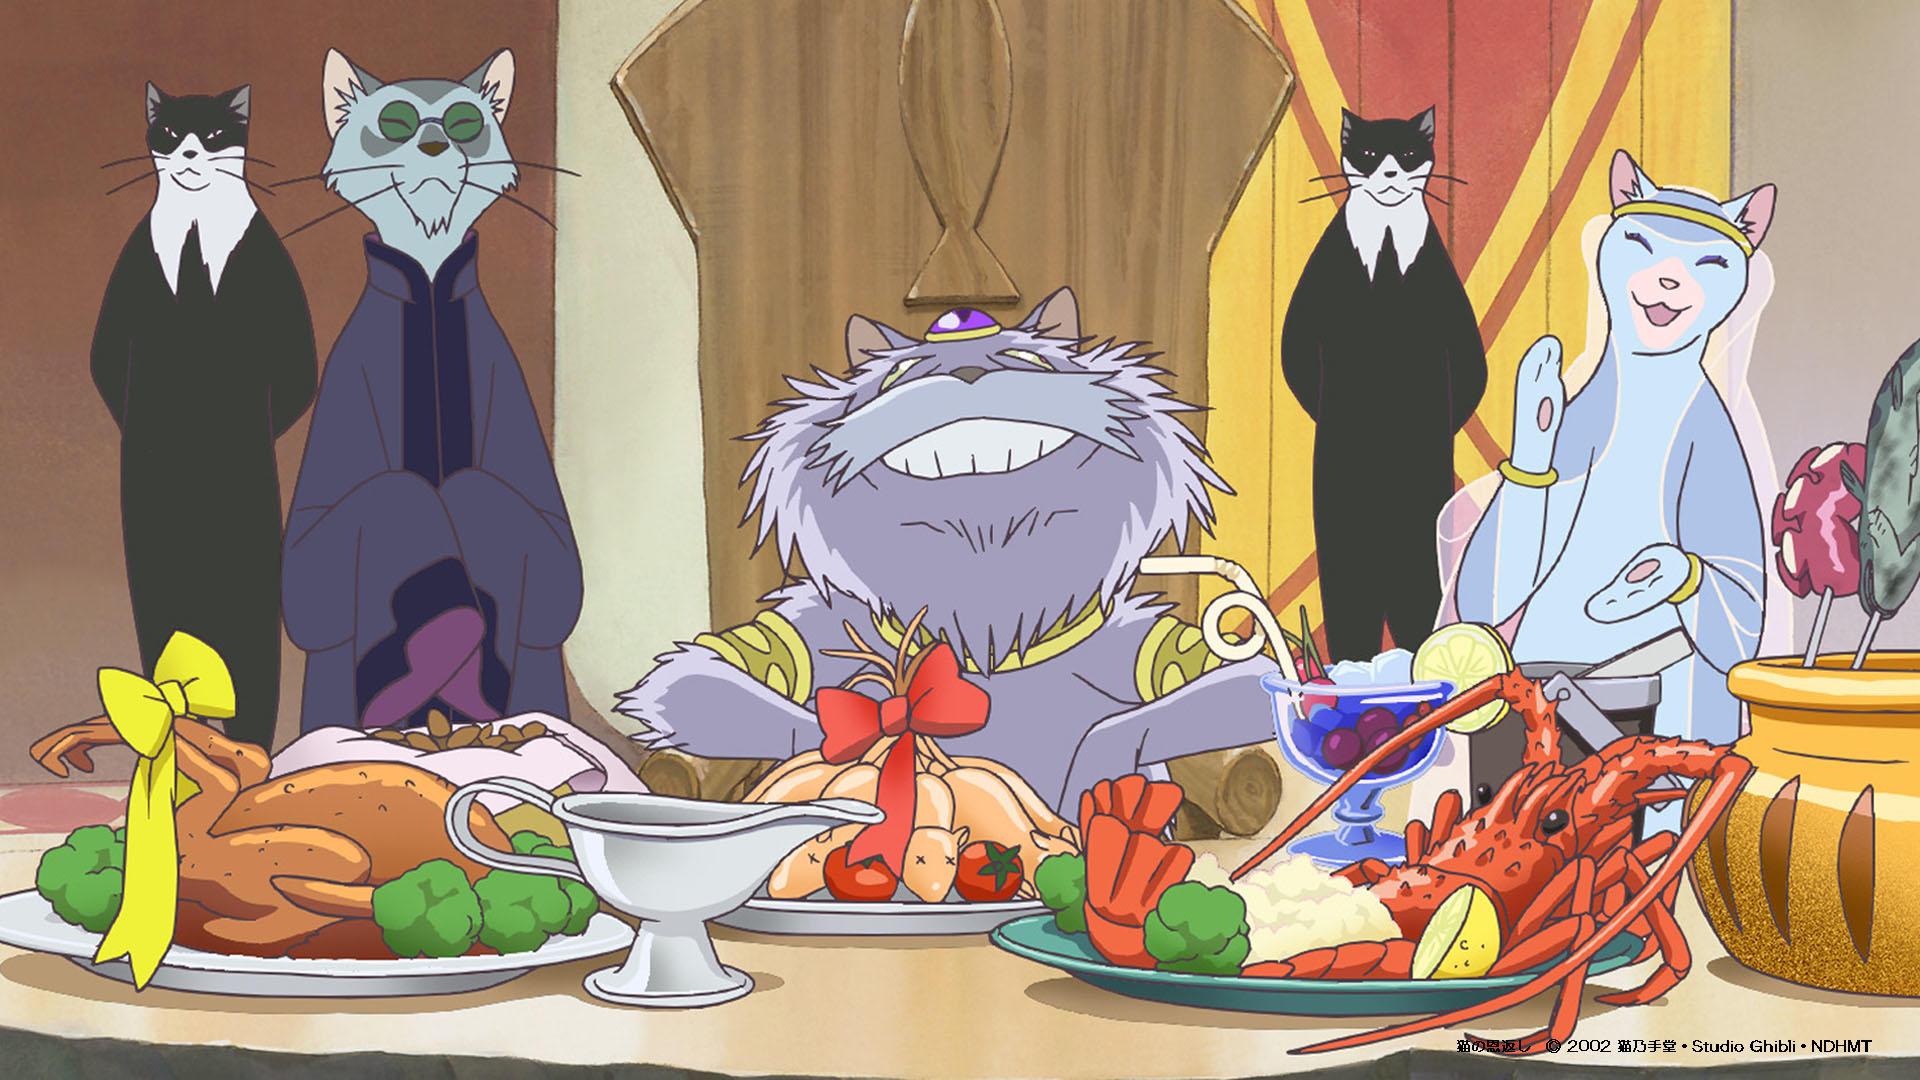 Haru en el reino de los gatos (Neko no ogaeshi, 2002). Estudios Ghibli.